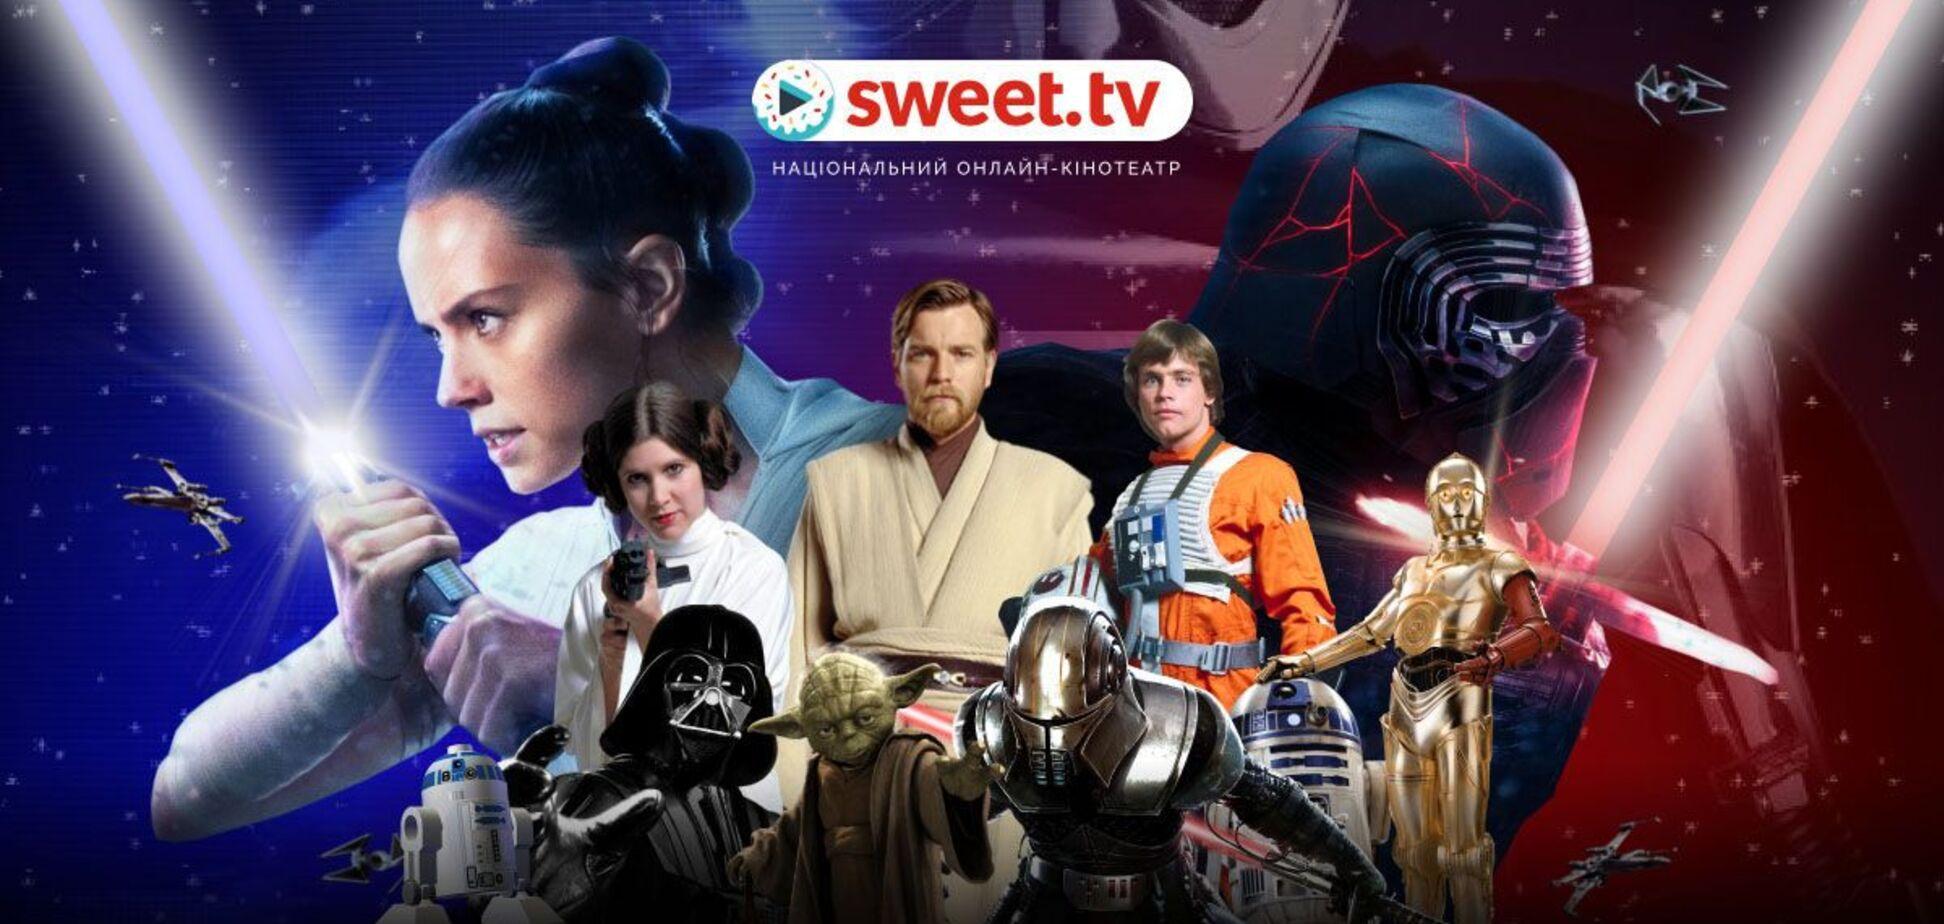 SWEET.TV открыл доступ ко всем фильмам саги 'Звездные войны'